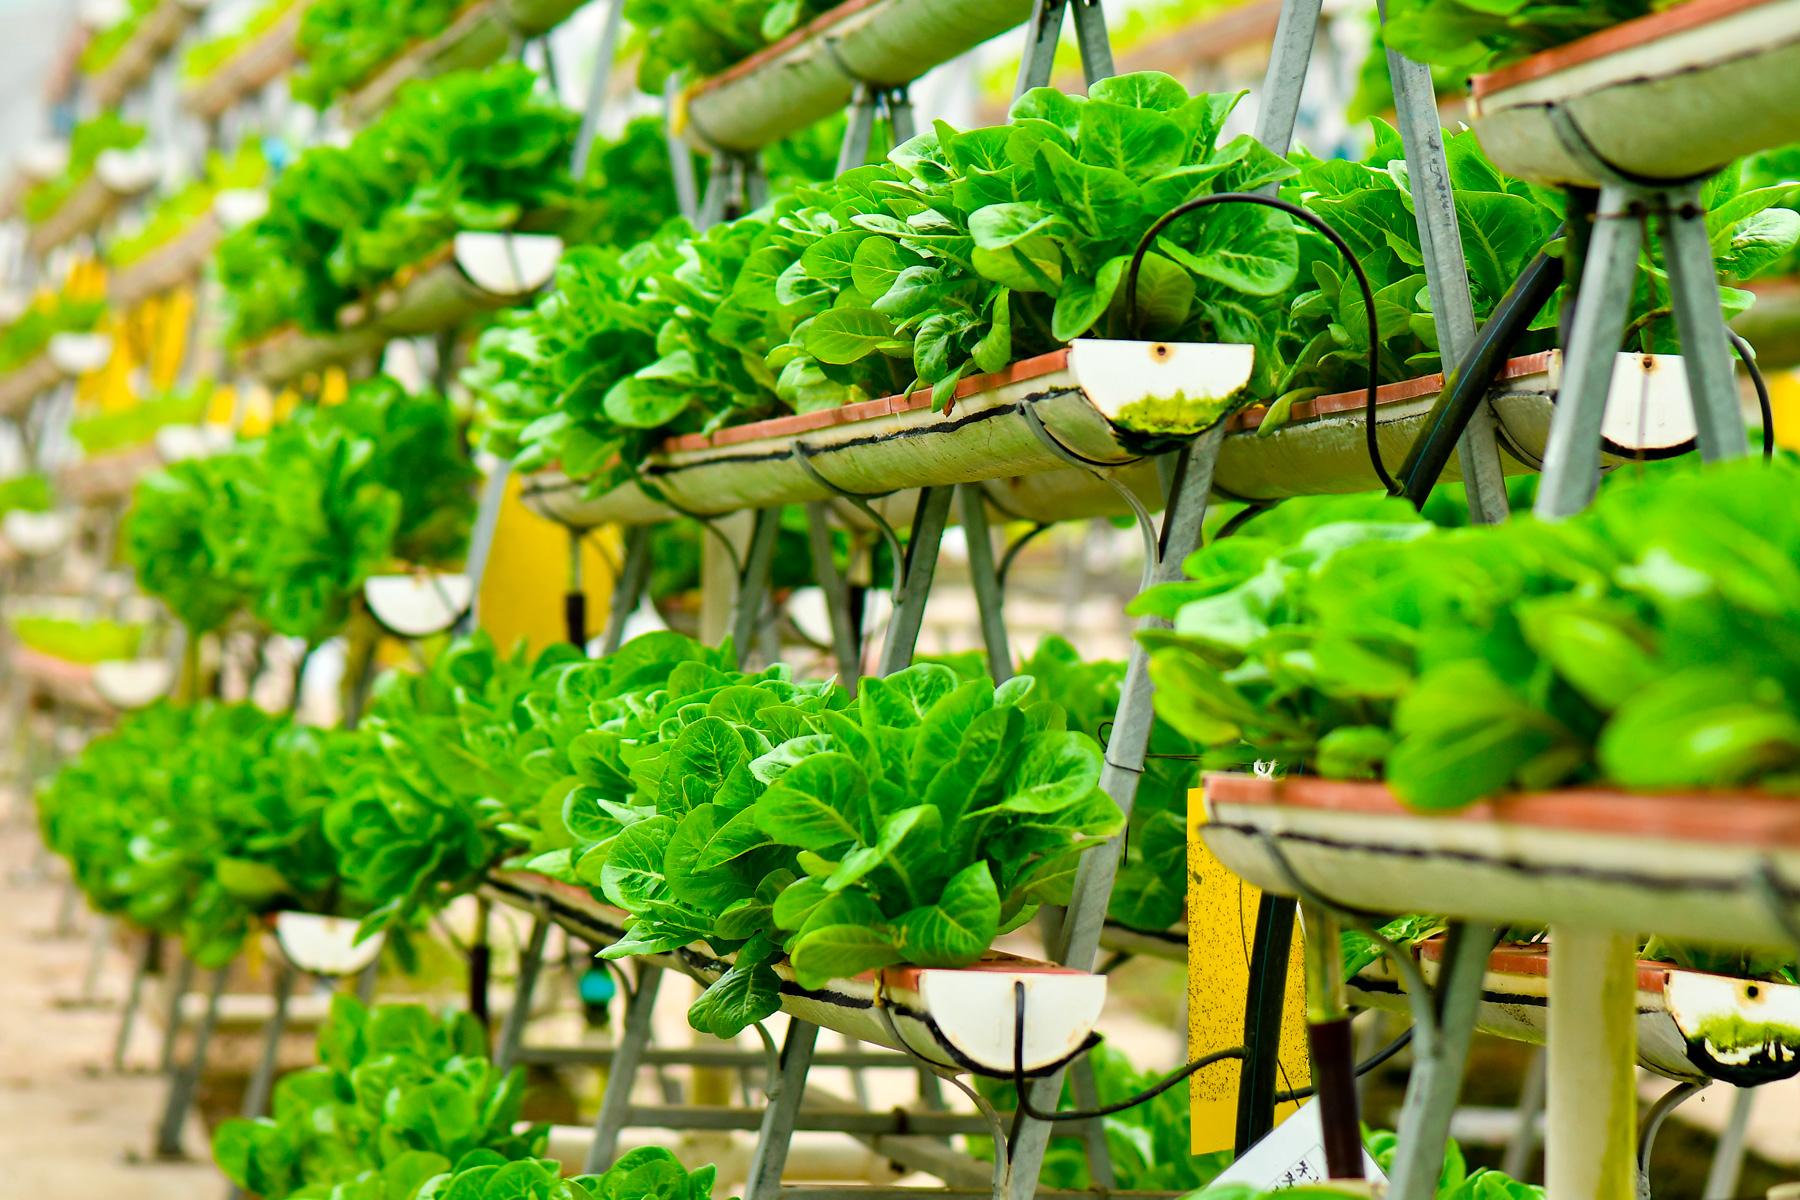 Crops in vertical urban farm